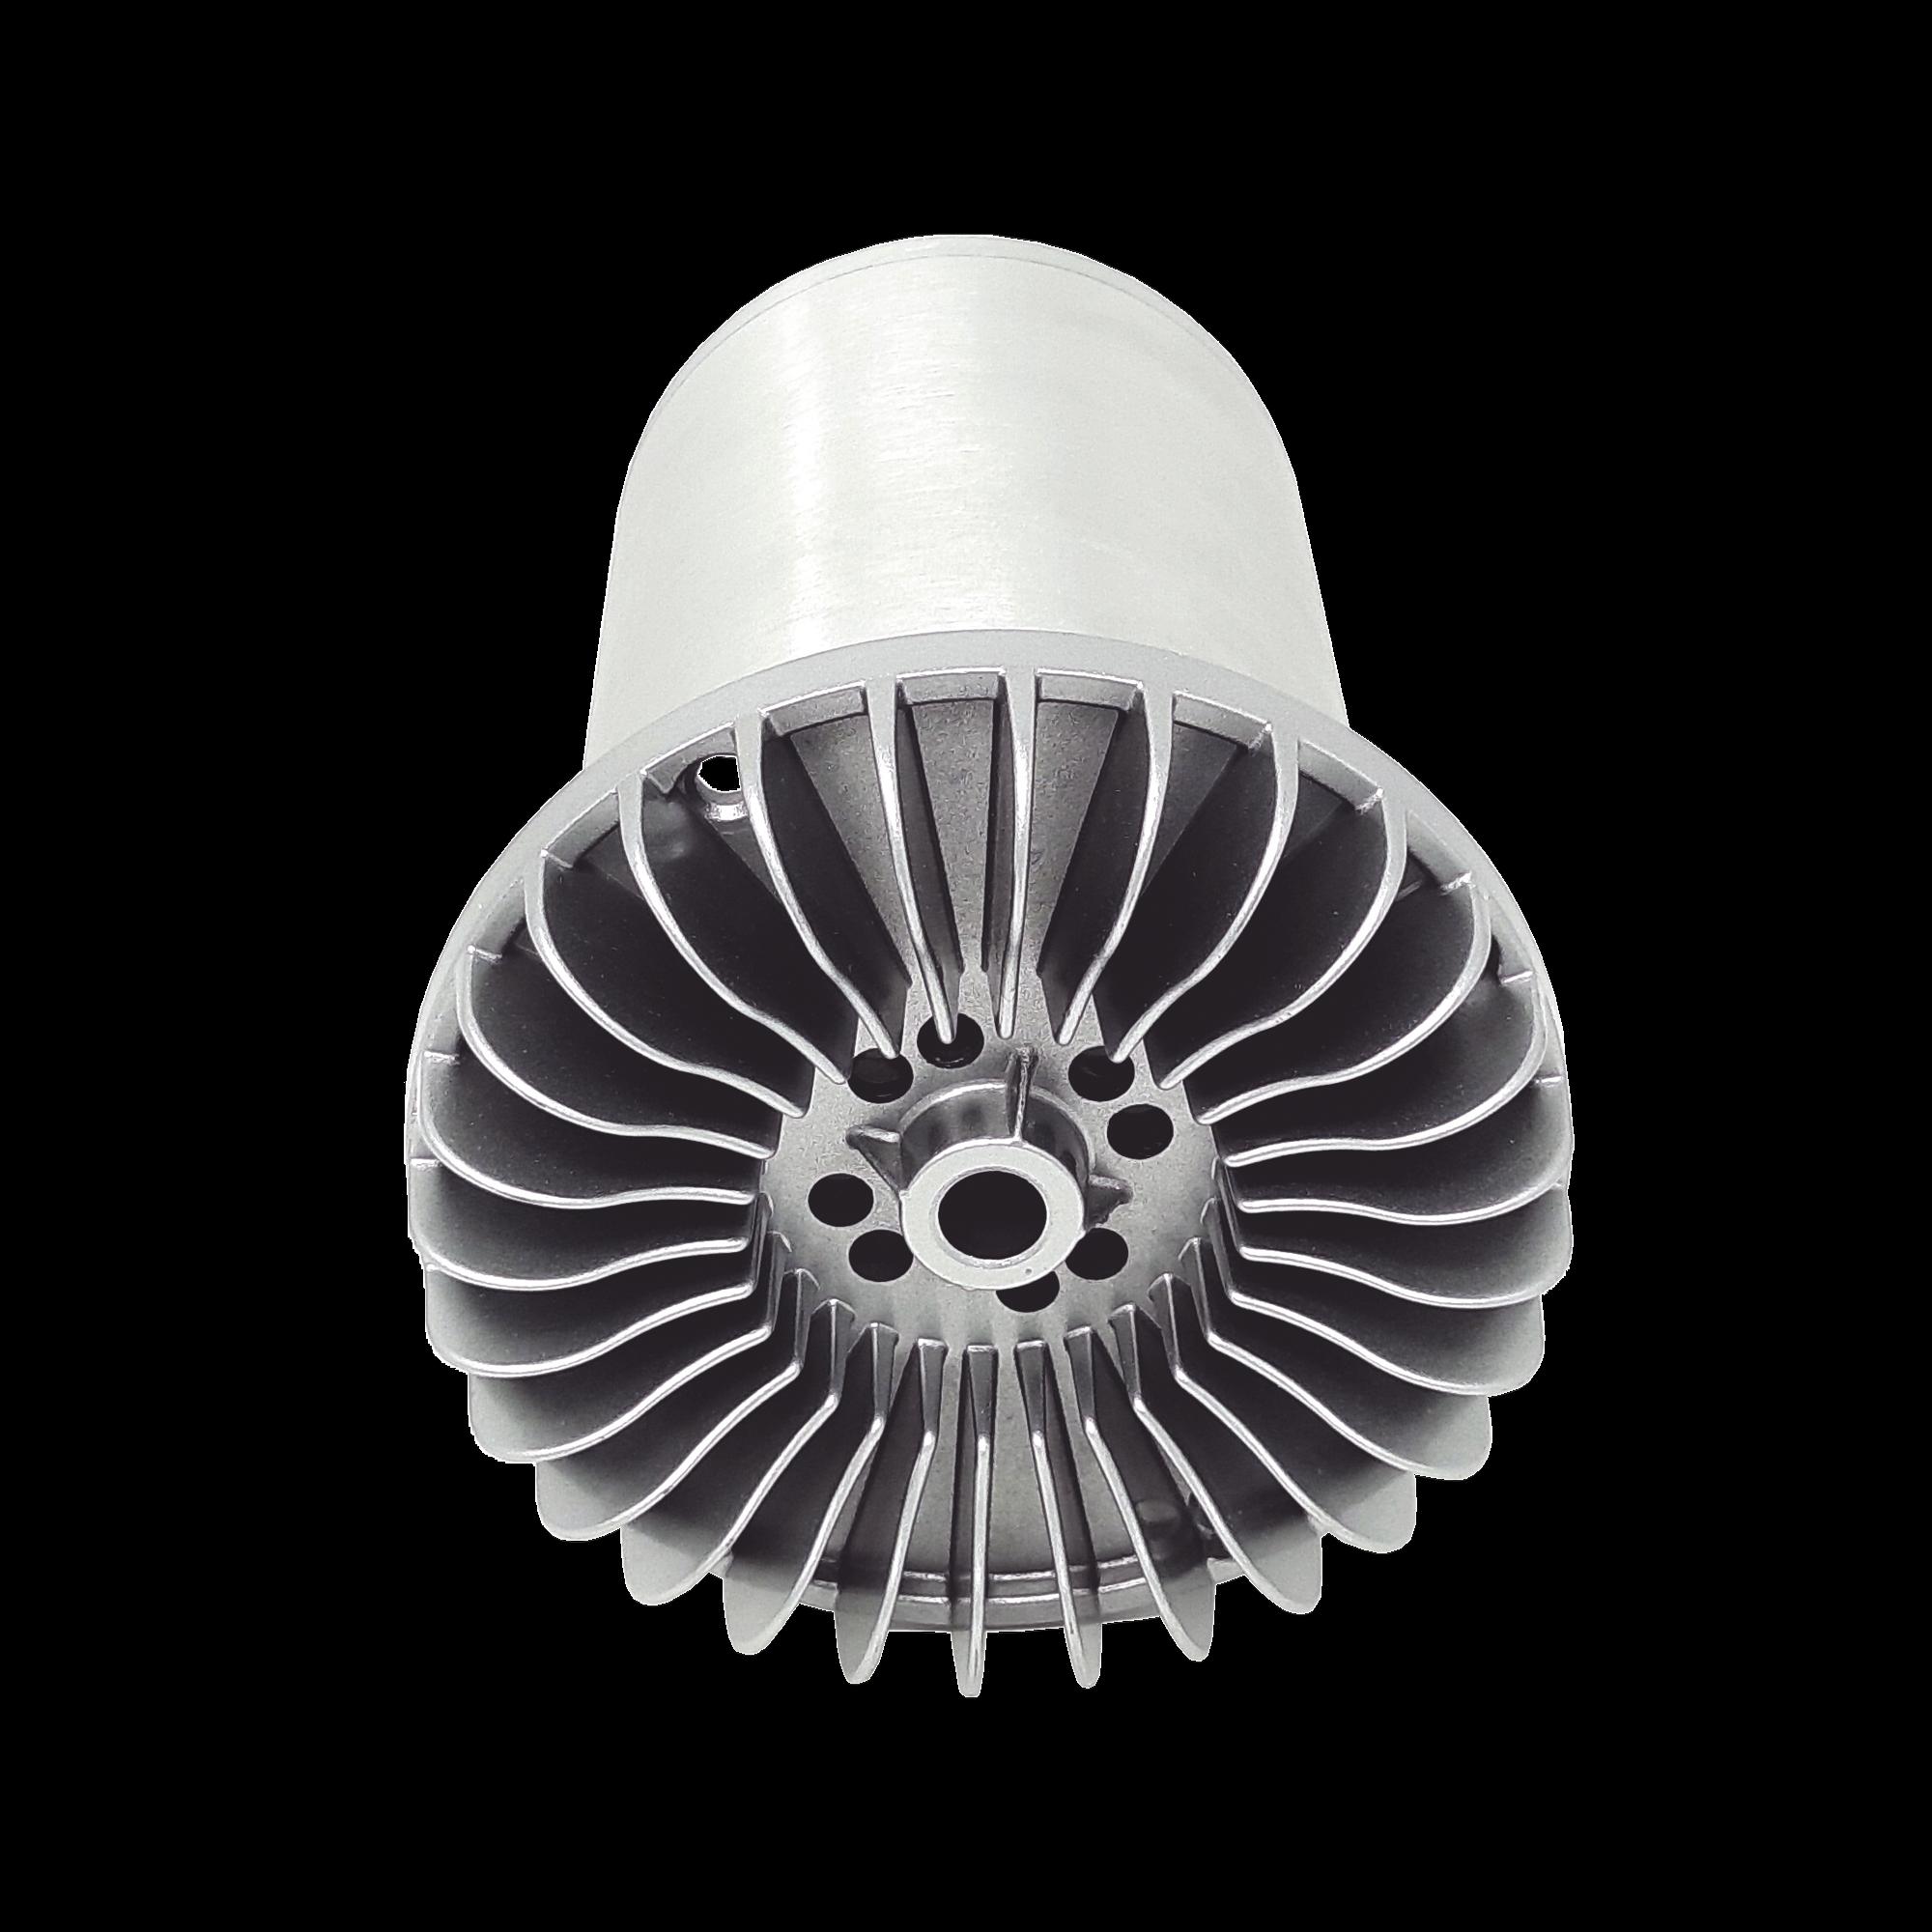 Accesorio de Recarga de Niebla /  1 vez de expulsión / PARA RELLENAR SF-501P